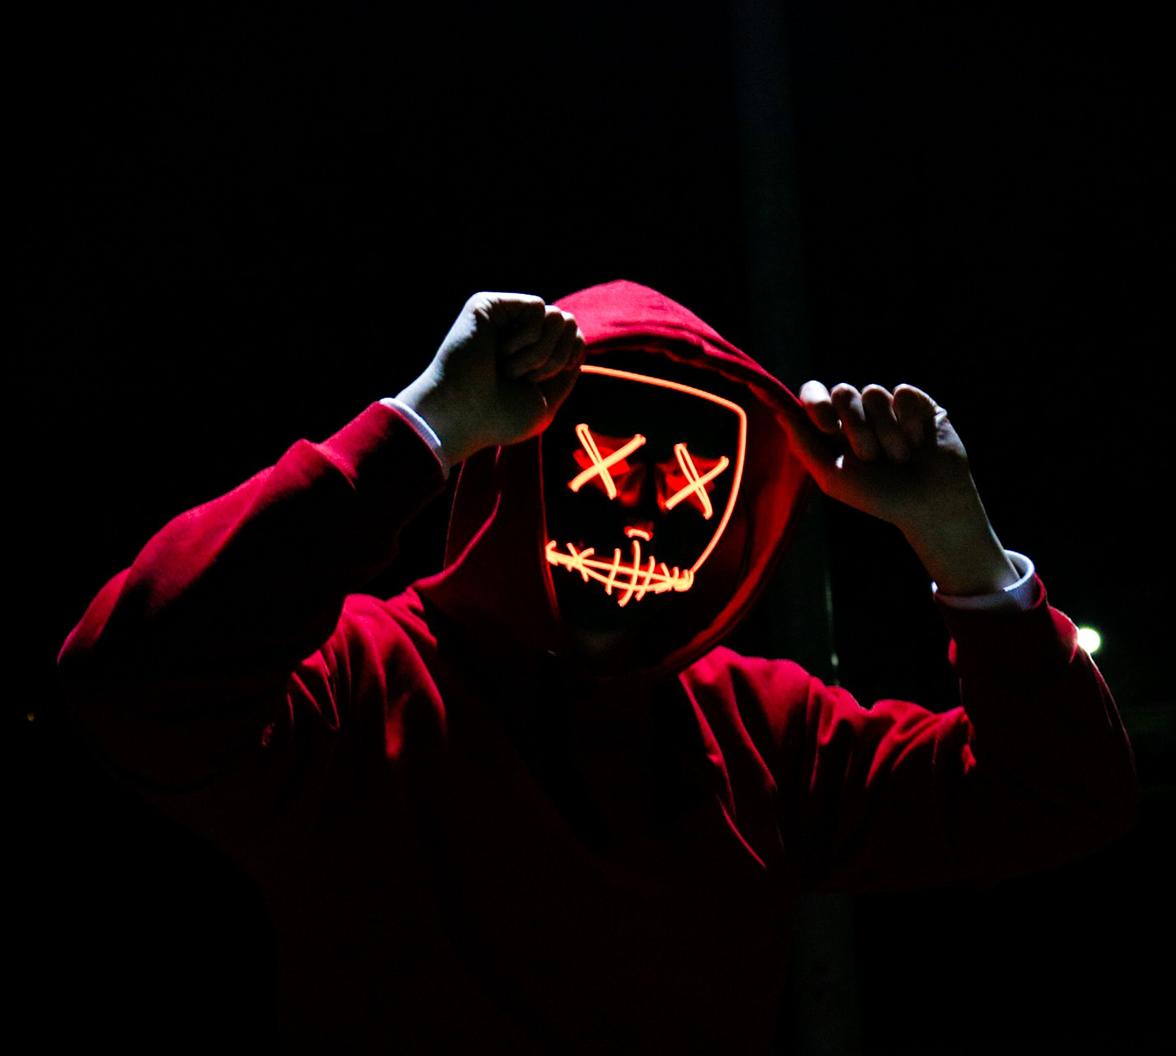 Hình ảnh Hacker áo đỏ mắt x cực đẹp